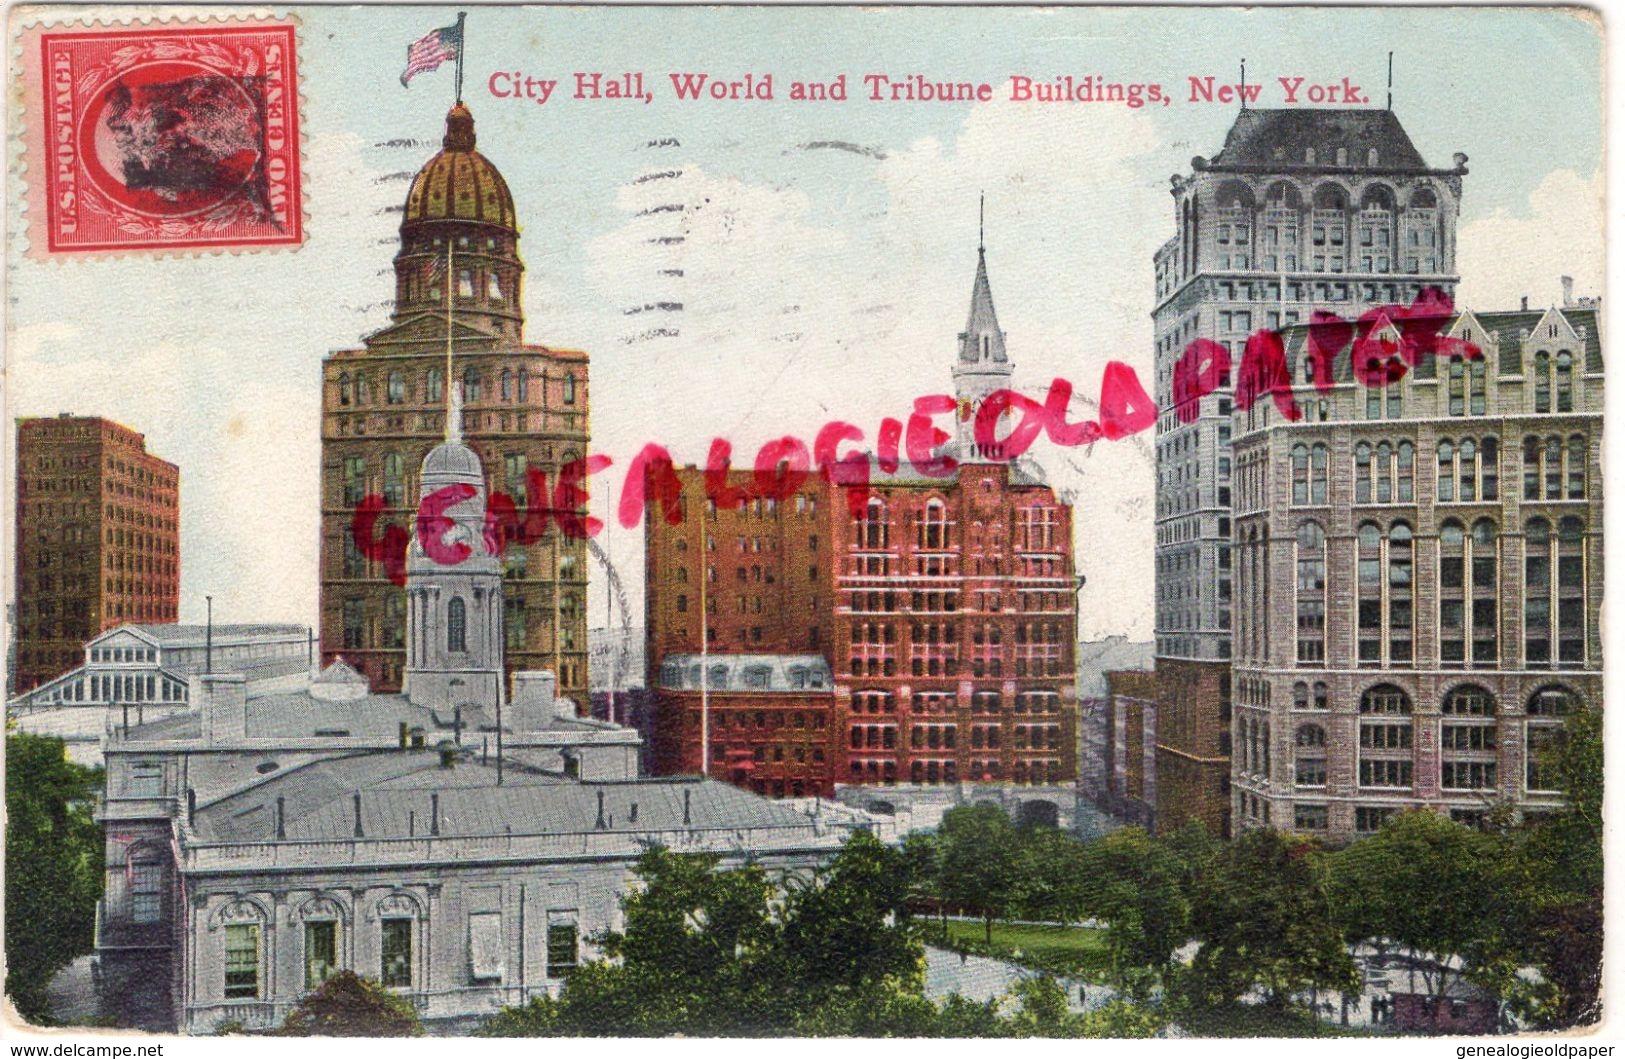 ETATS UNIS - NEW YORK - CITY HALL  WORLD AND TRIBUNE BUILDINGS - Autres Monuments, édifices